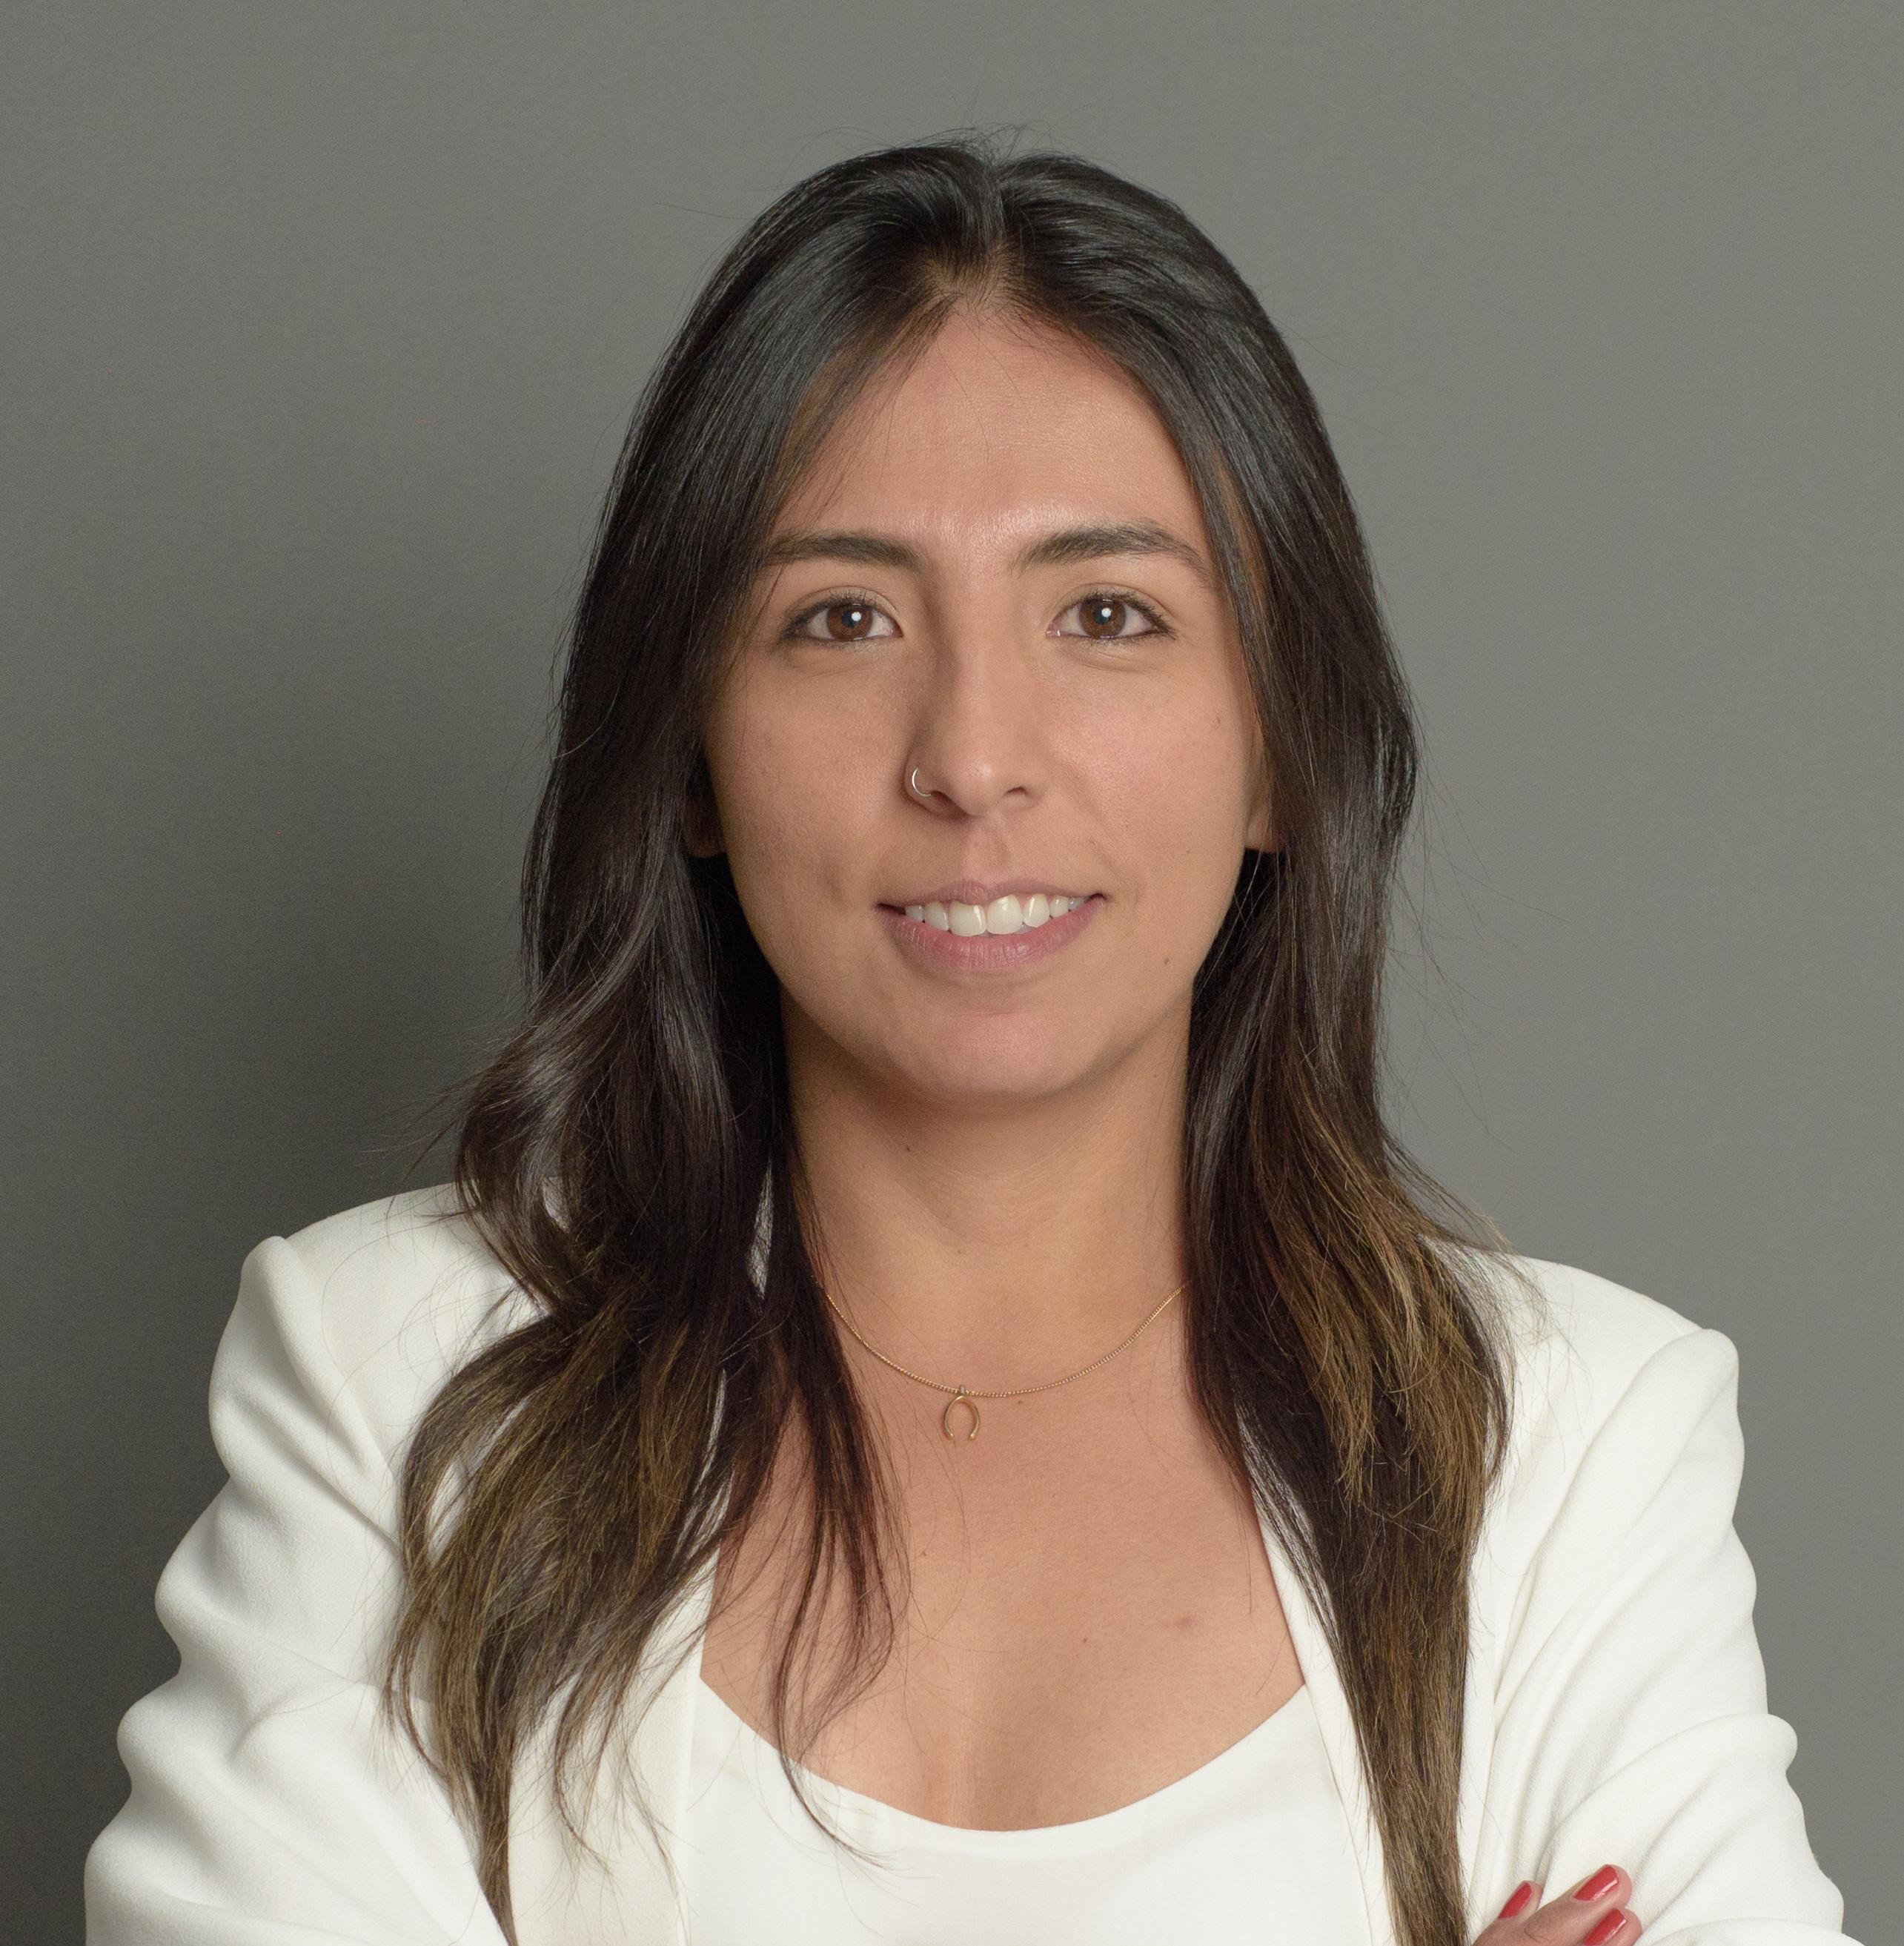 Alejandra Aljure